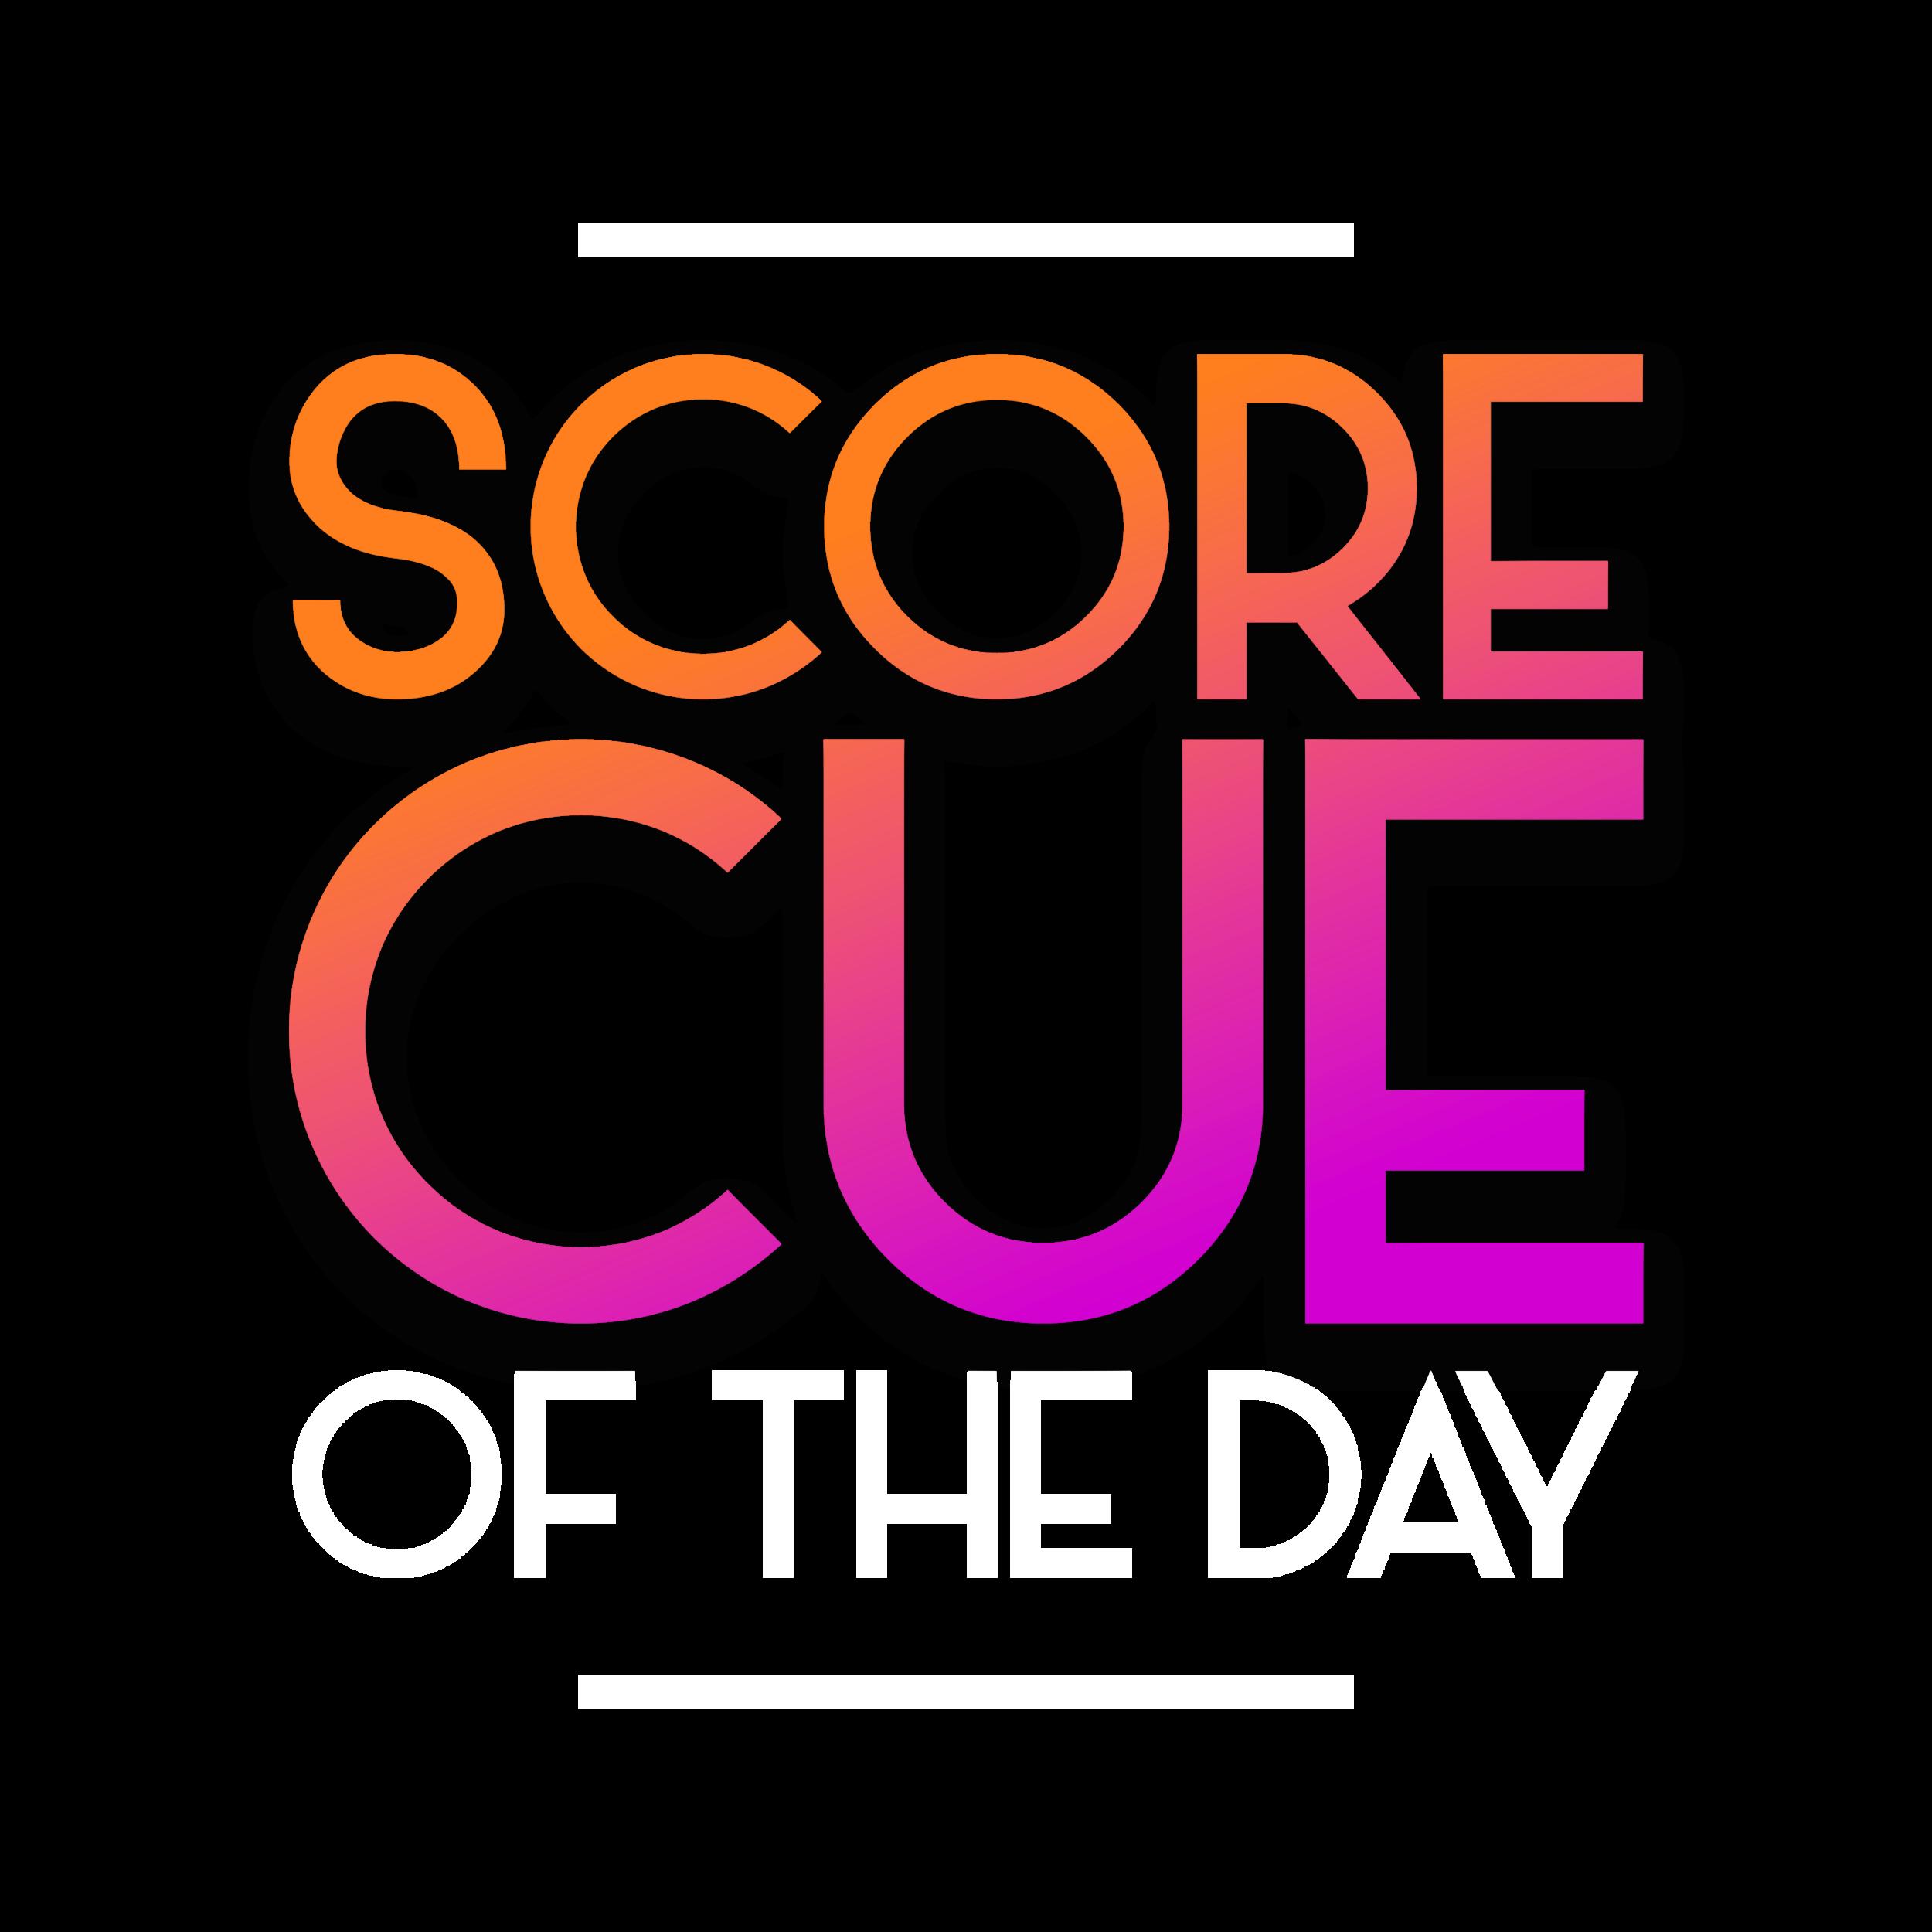 score-cue-alone.png